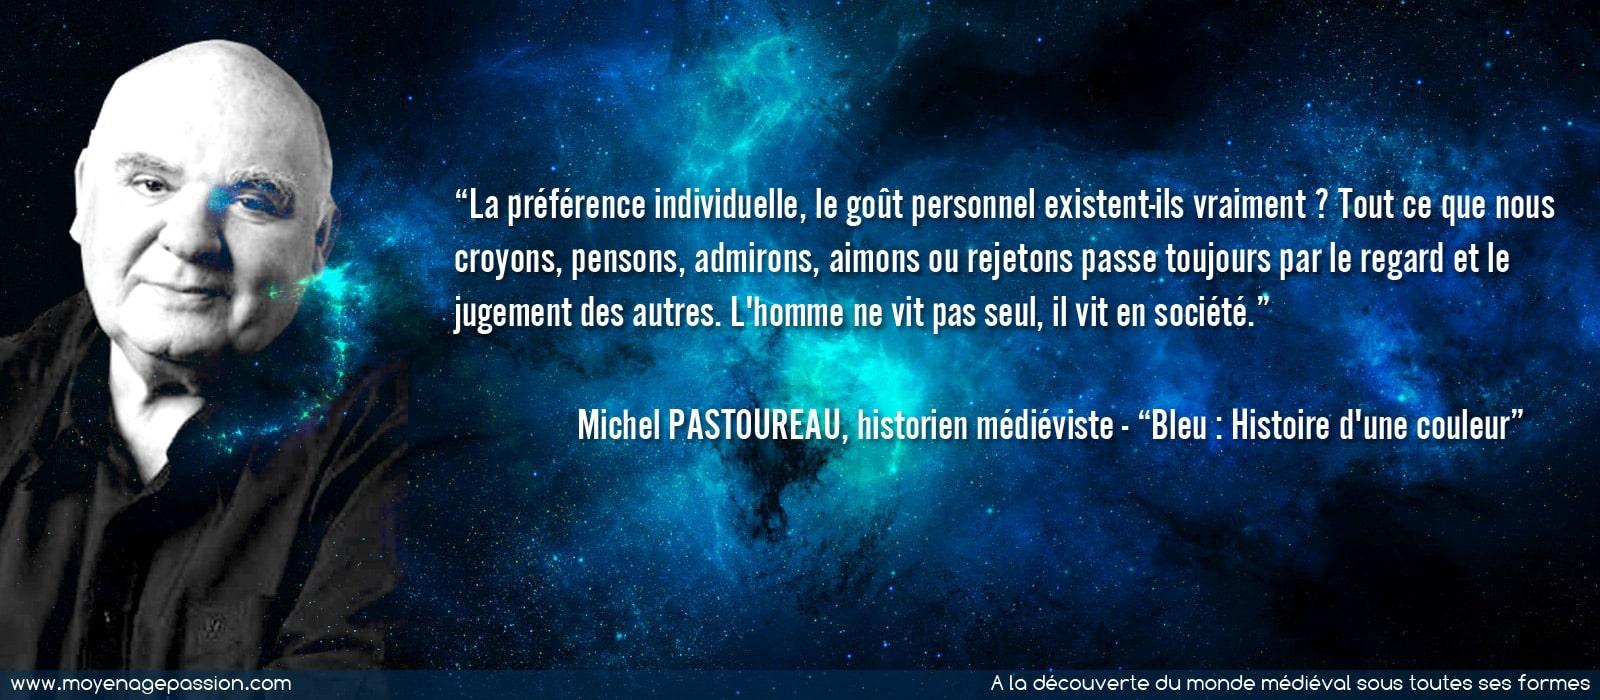 michel_pastoureau_citation_historien_medieviste_histoire_couleur_representation_monde_medieval